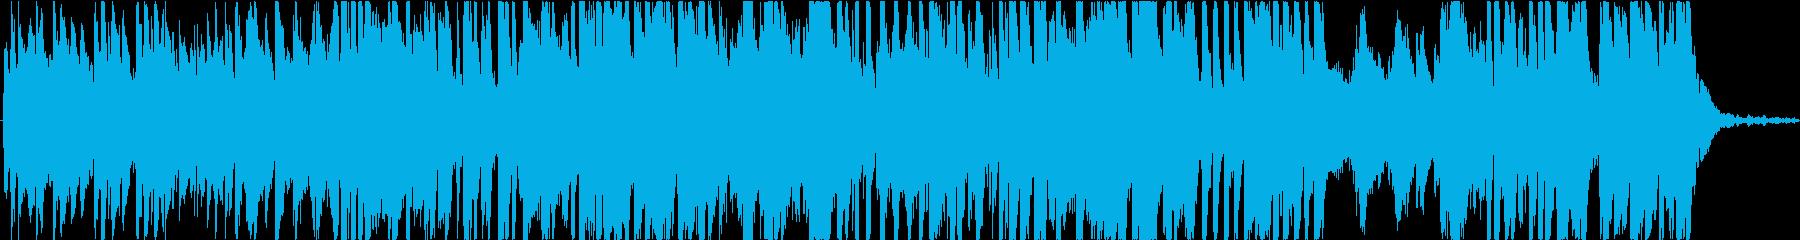 現代音楽風、高速ピアノ曲、音少なめの再生済みの波形